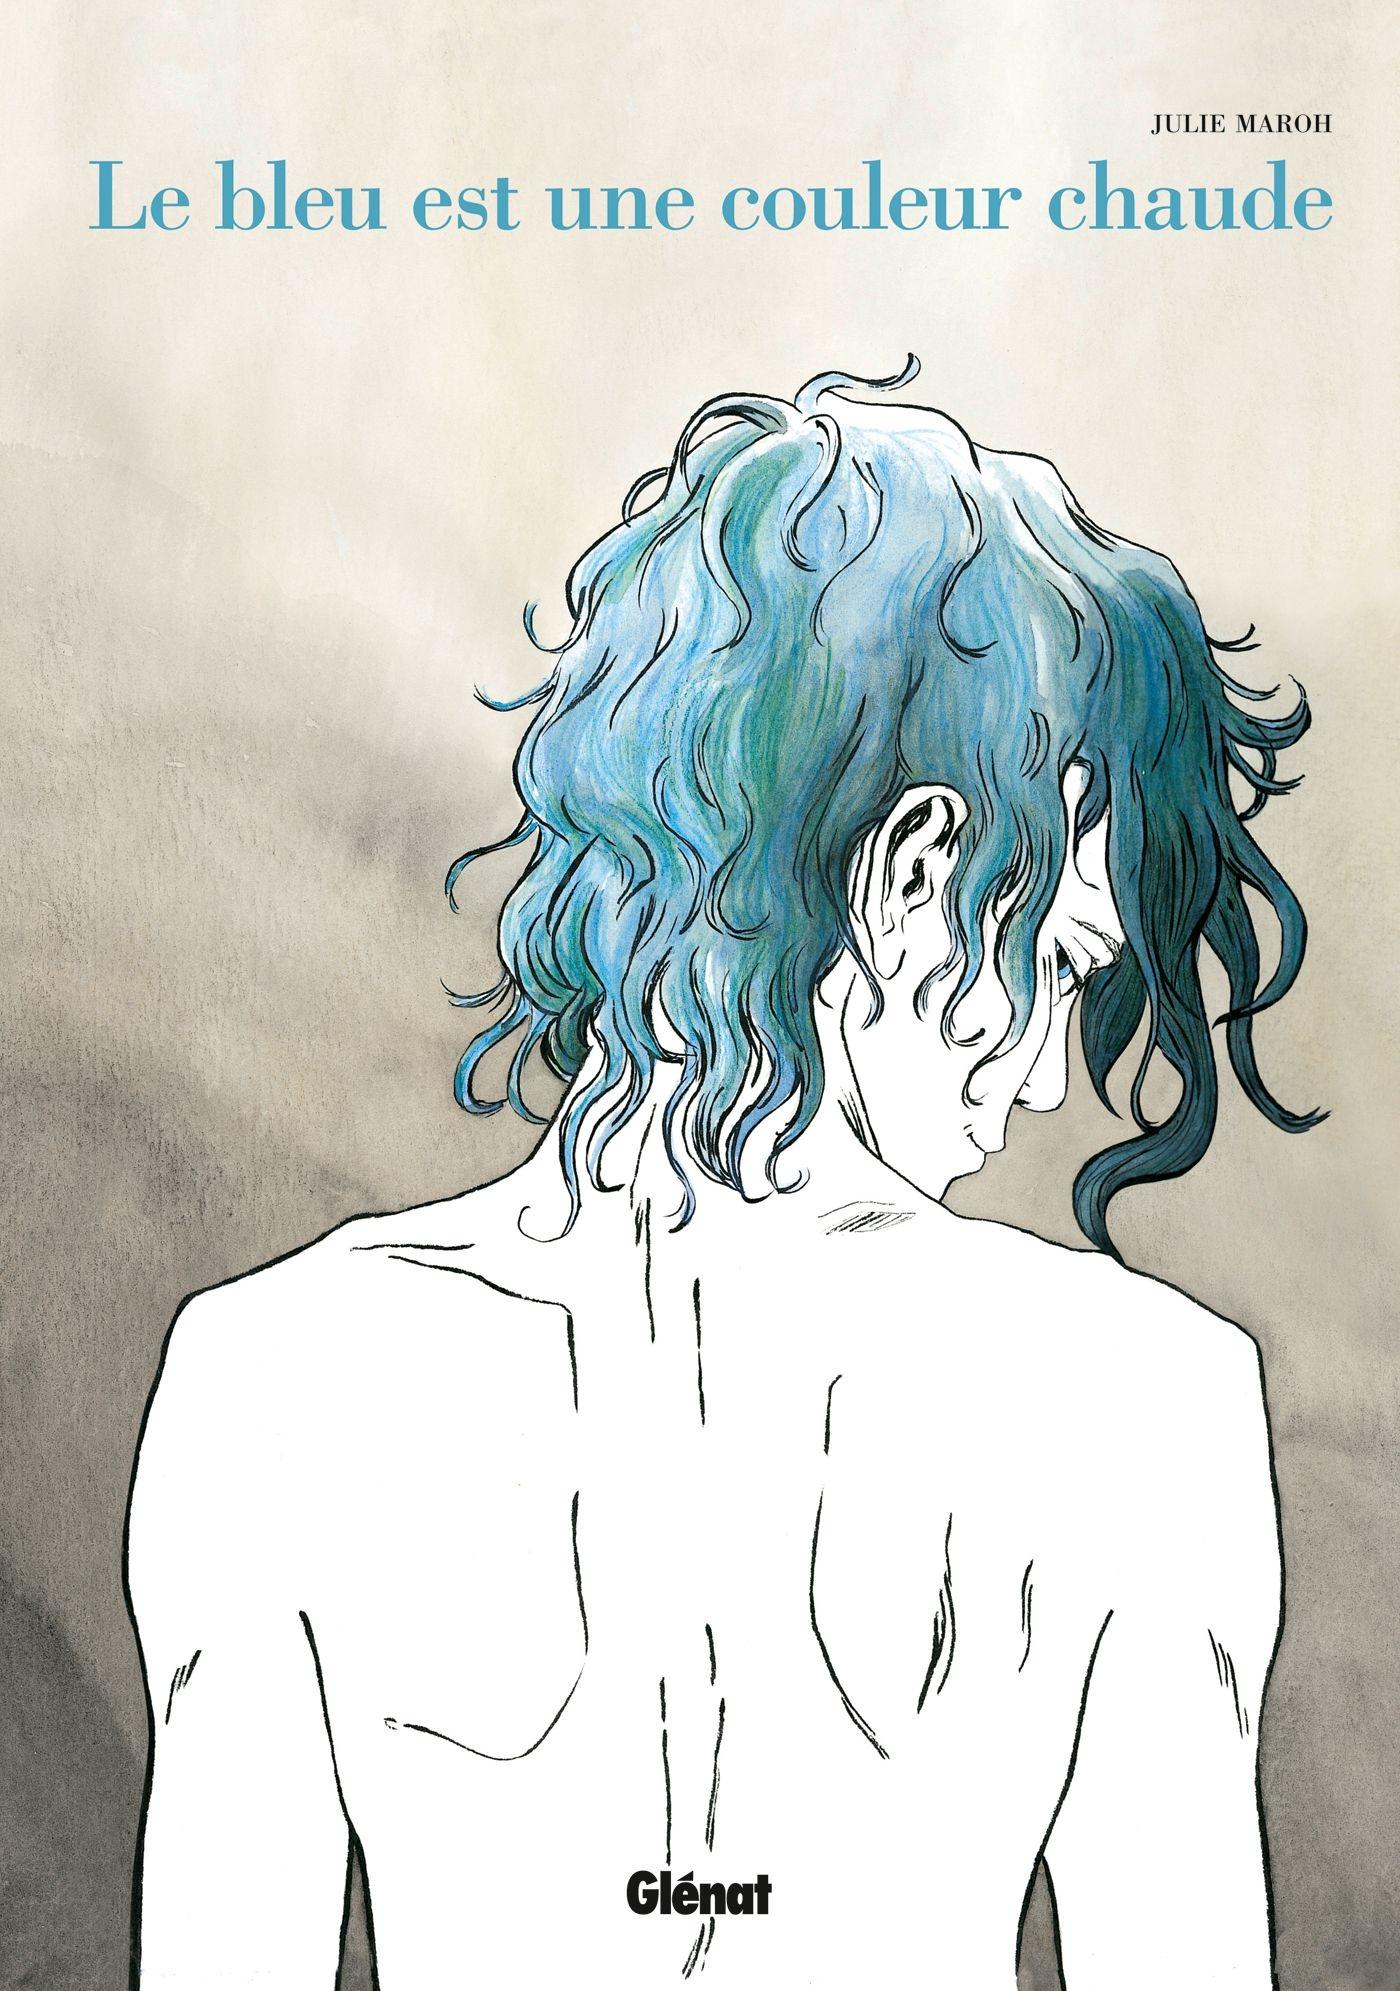 Le_bleu_est_une_couleur_chaude.jpg